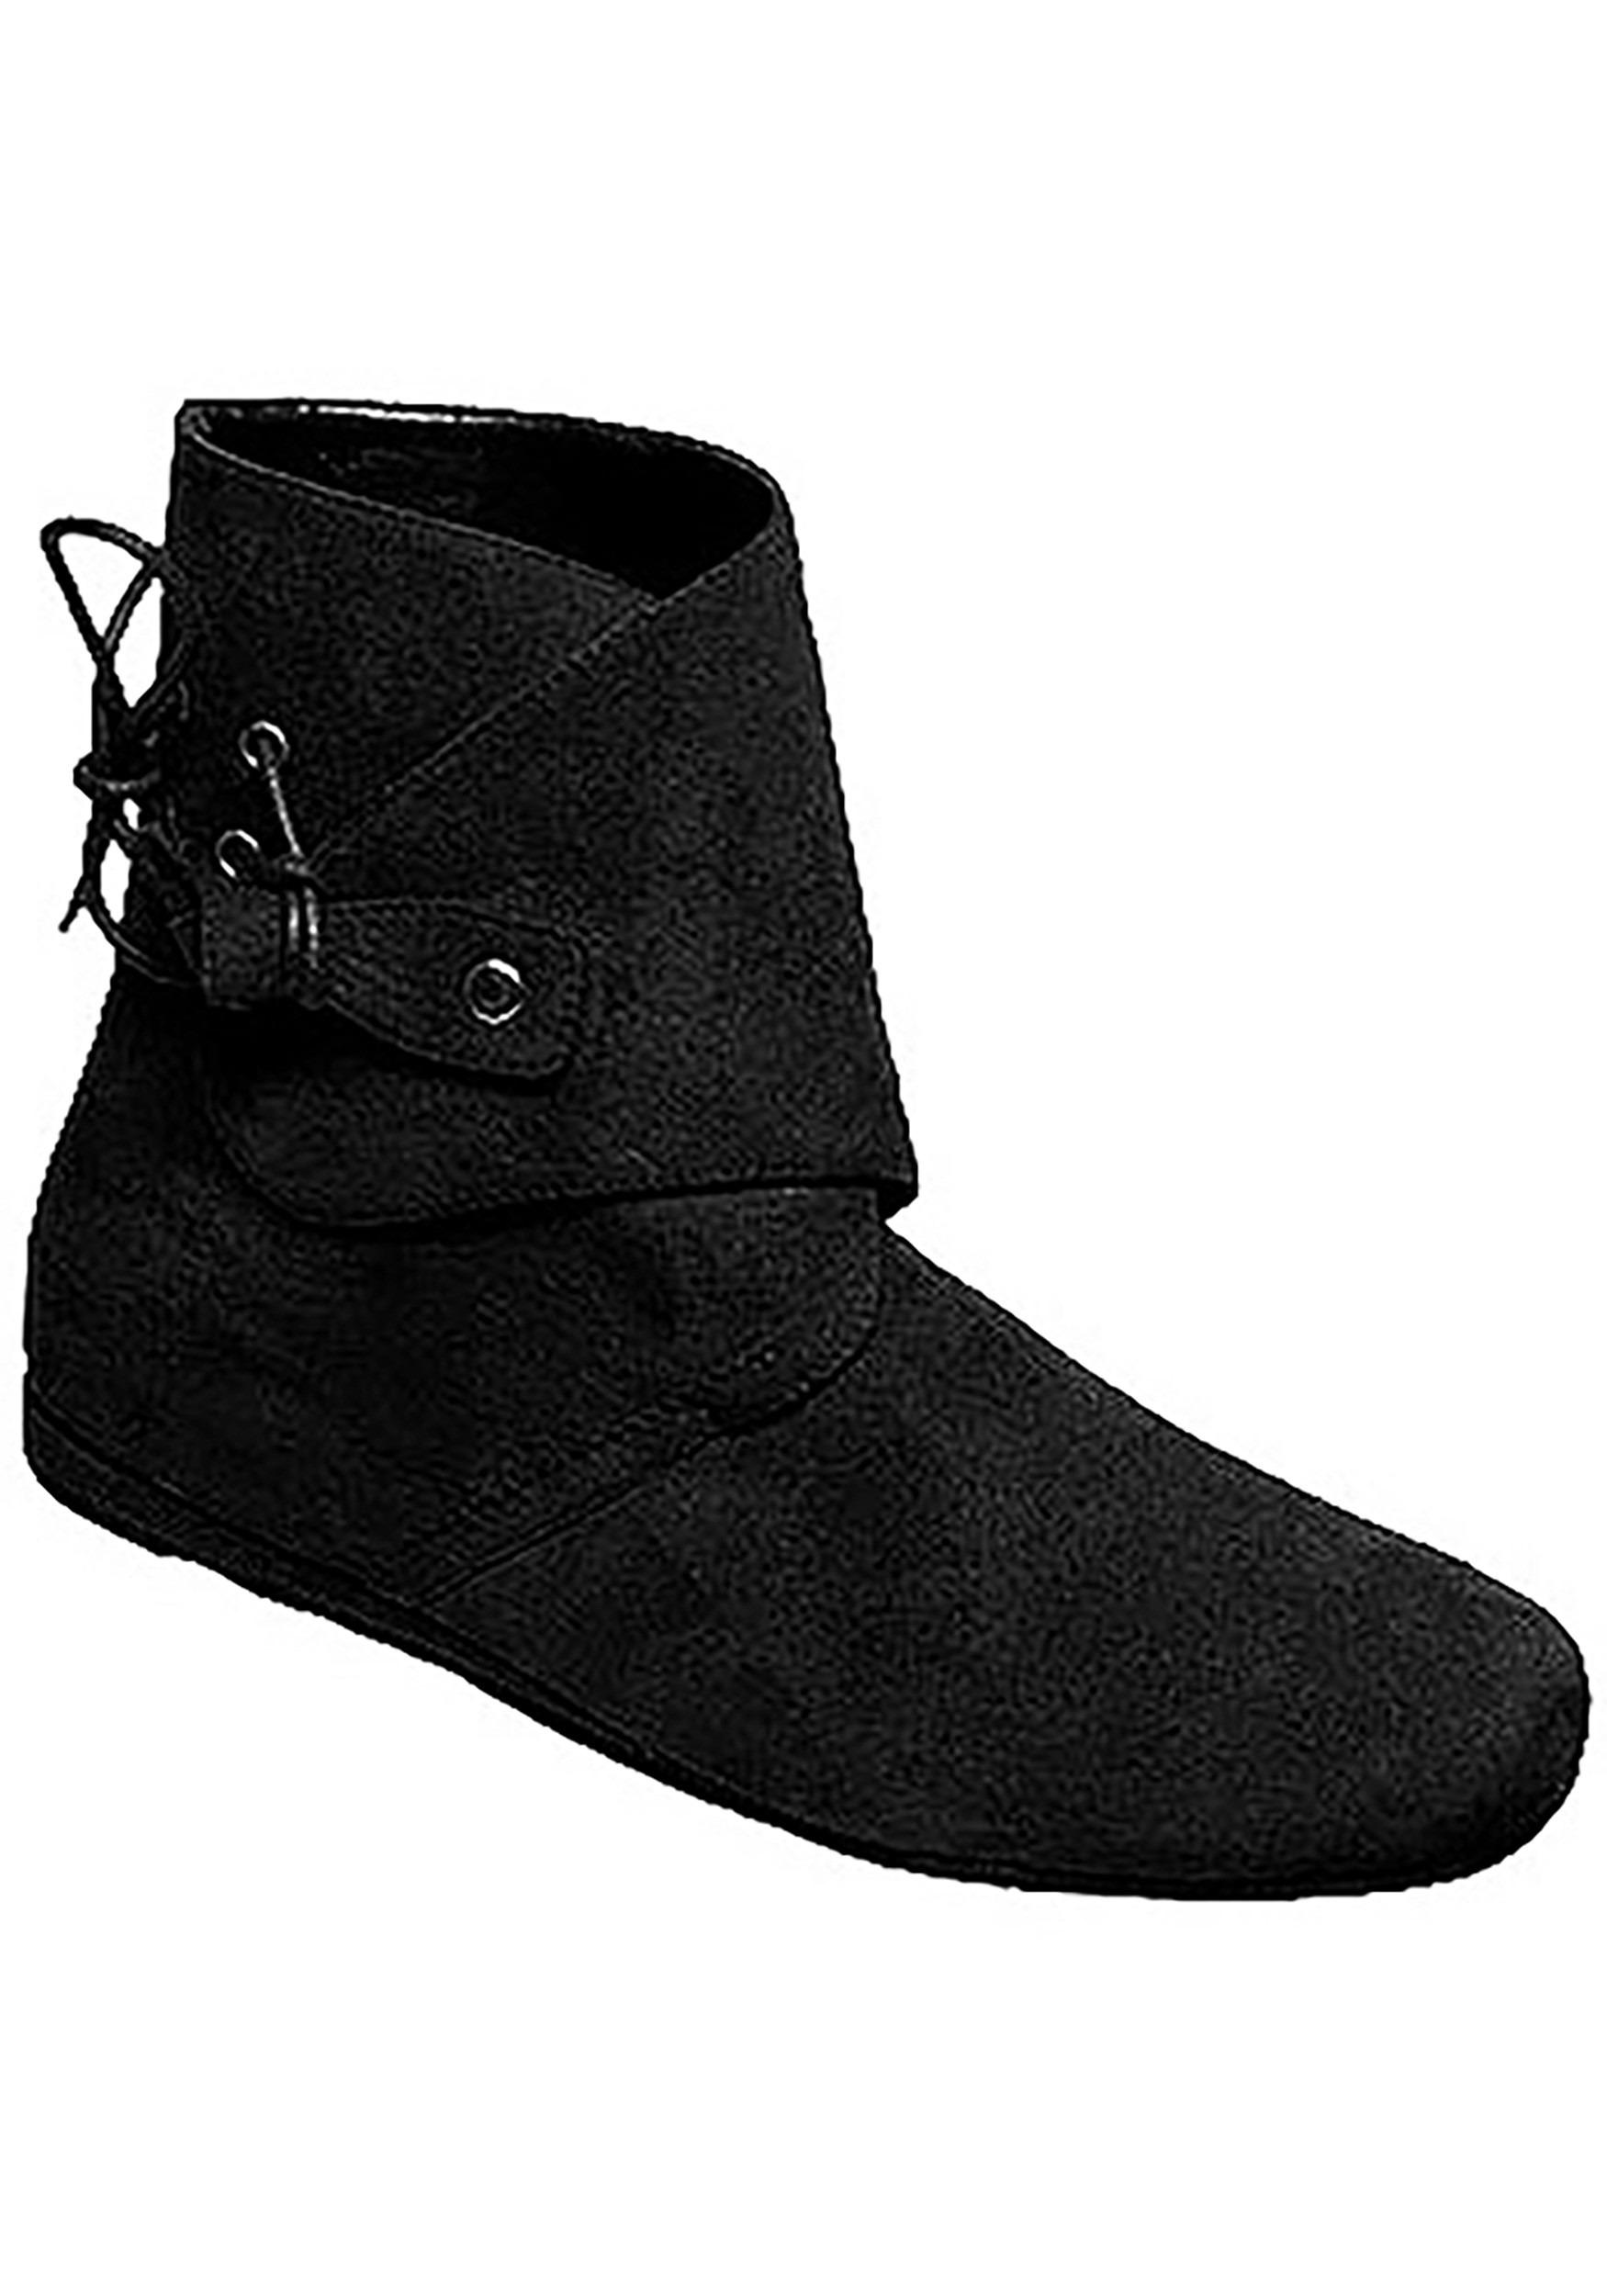 Black_Men's_Renaissance_Shoes